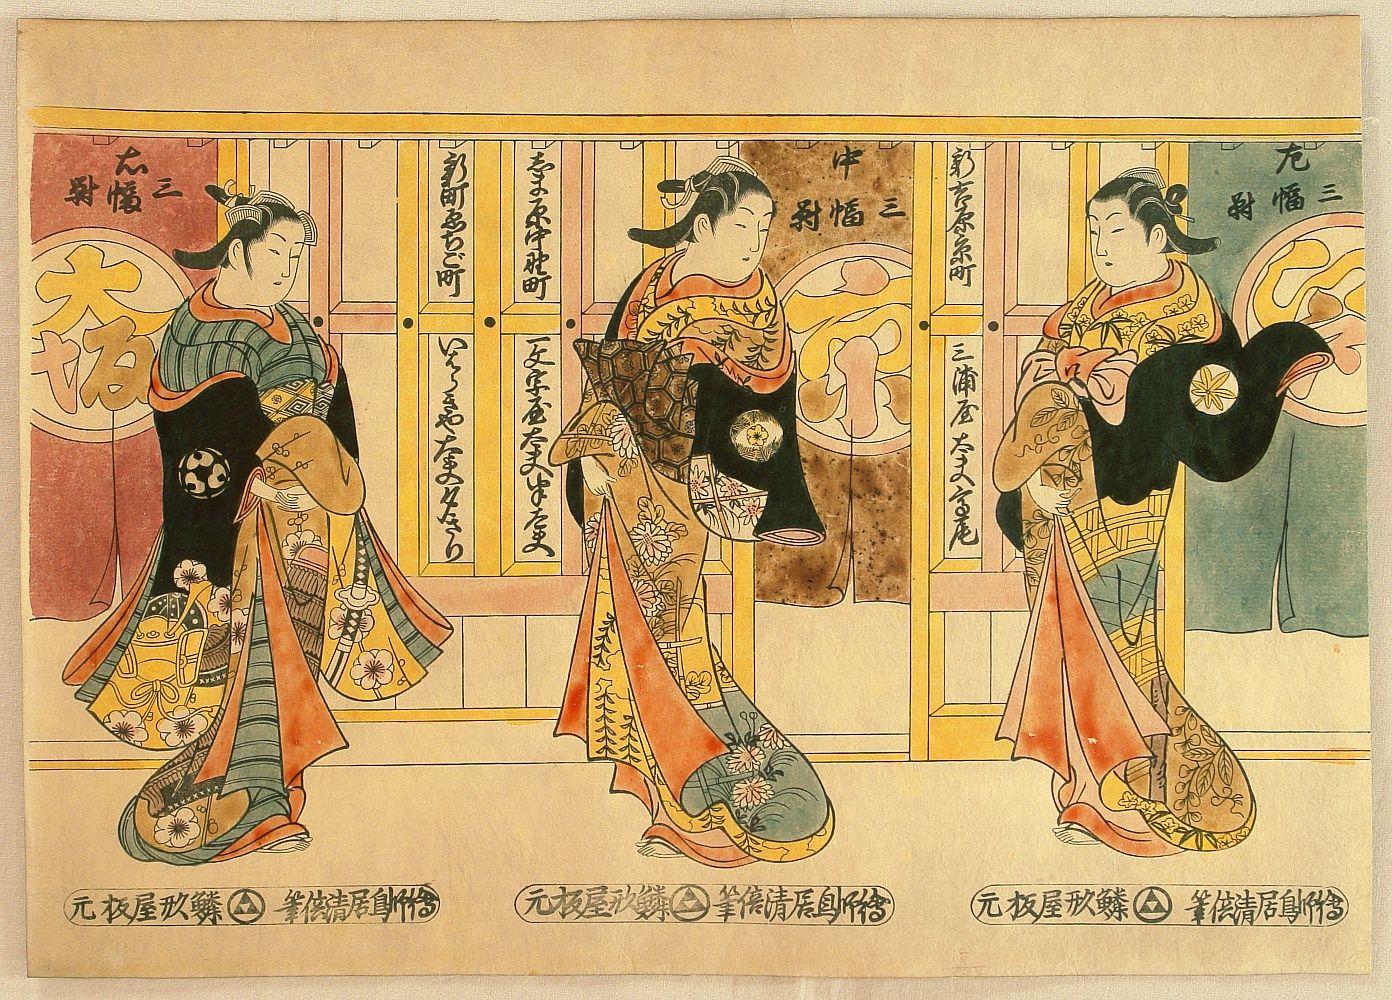 鳥居清倍 鳥居 清倍(とりい きよます、生没年不詳)、江戸時代の ...